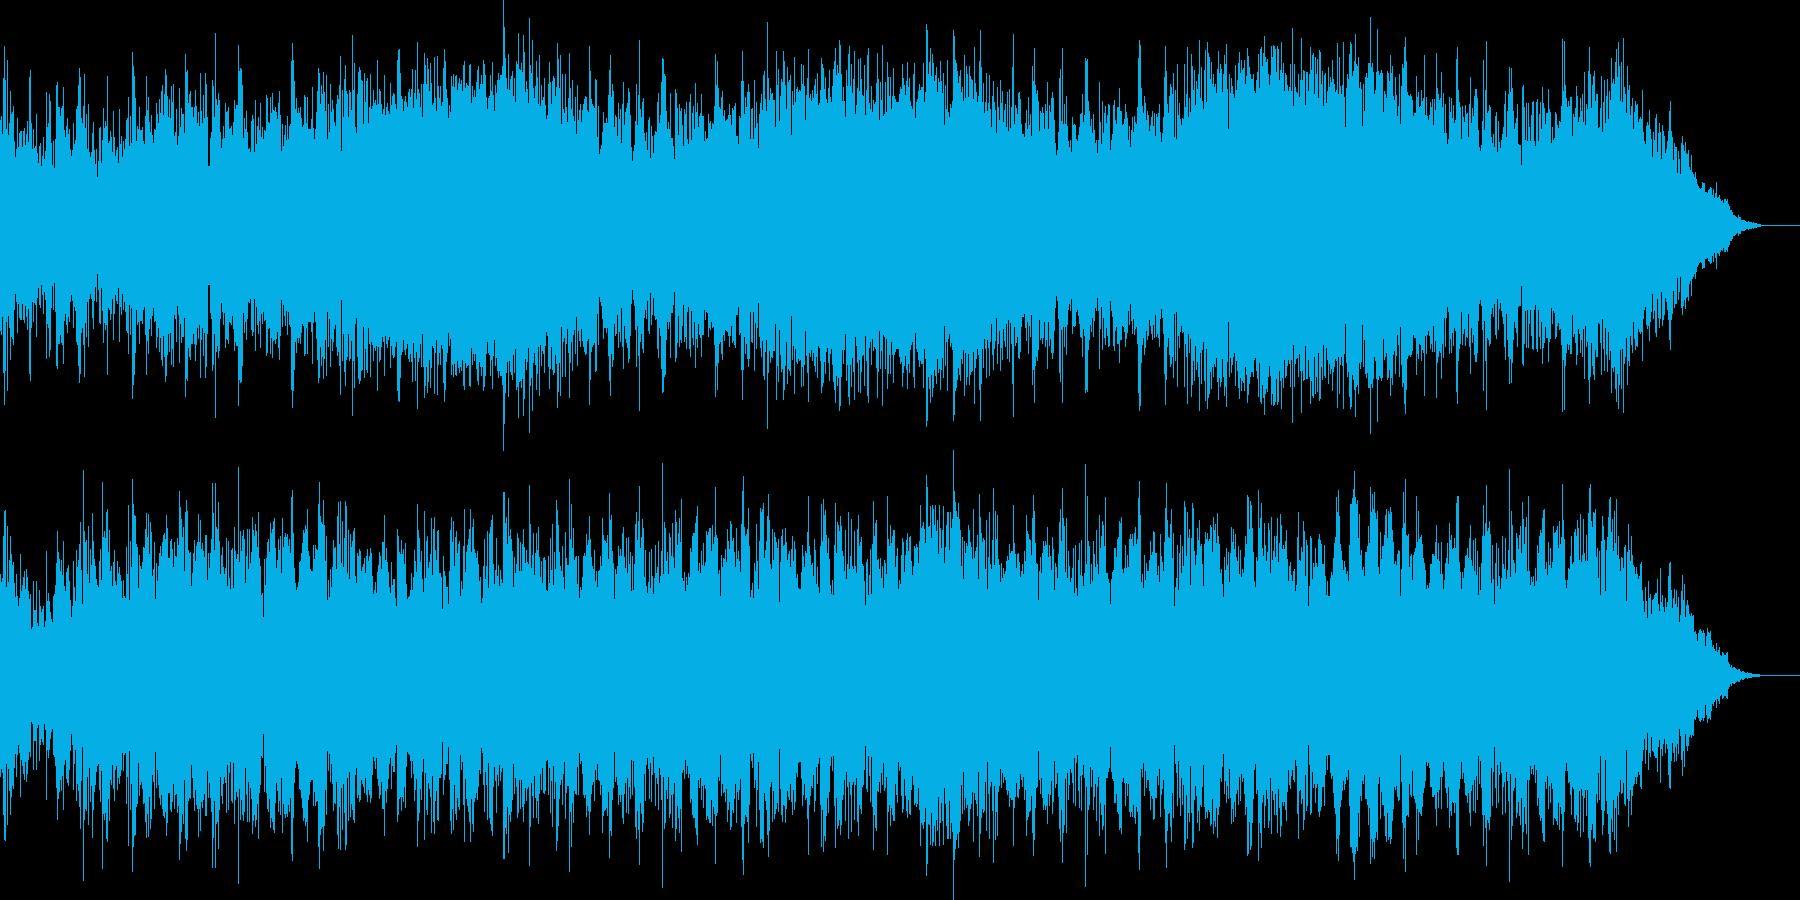 波乱の展開を予感させる緊張感のあるBG…の再生済みの波形